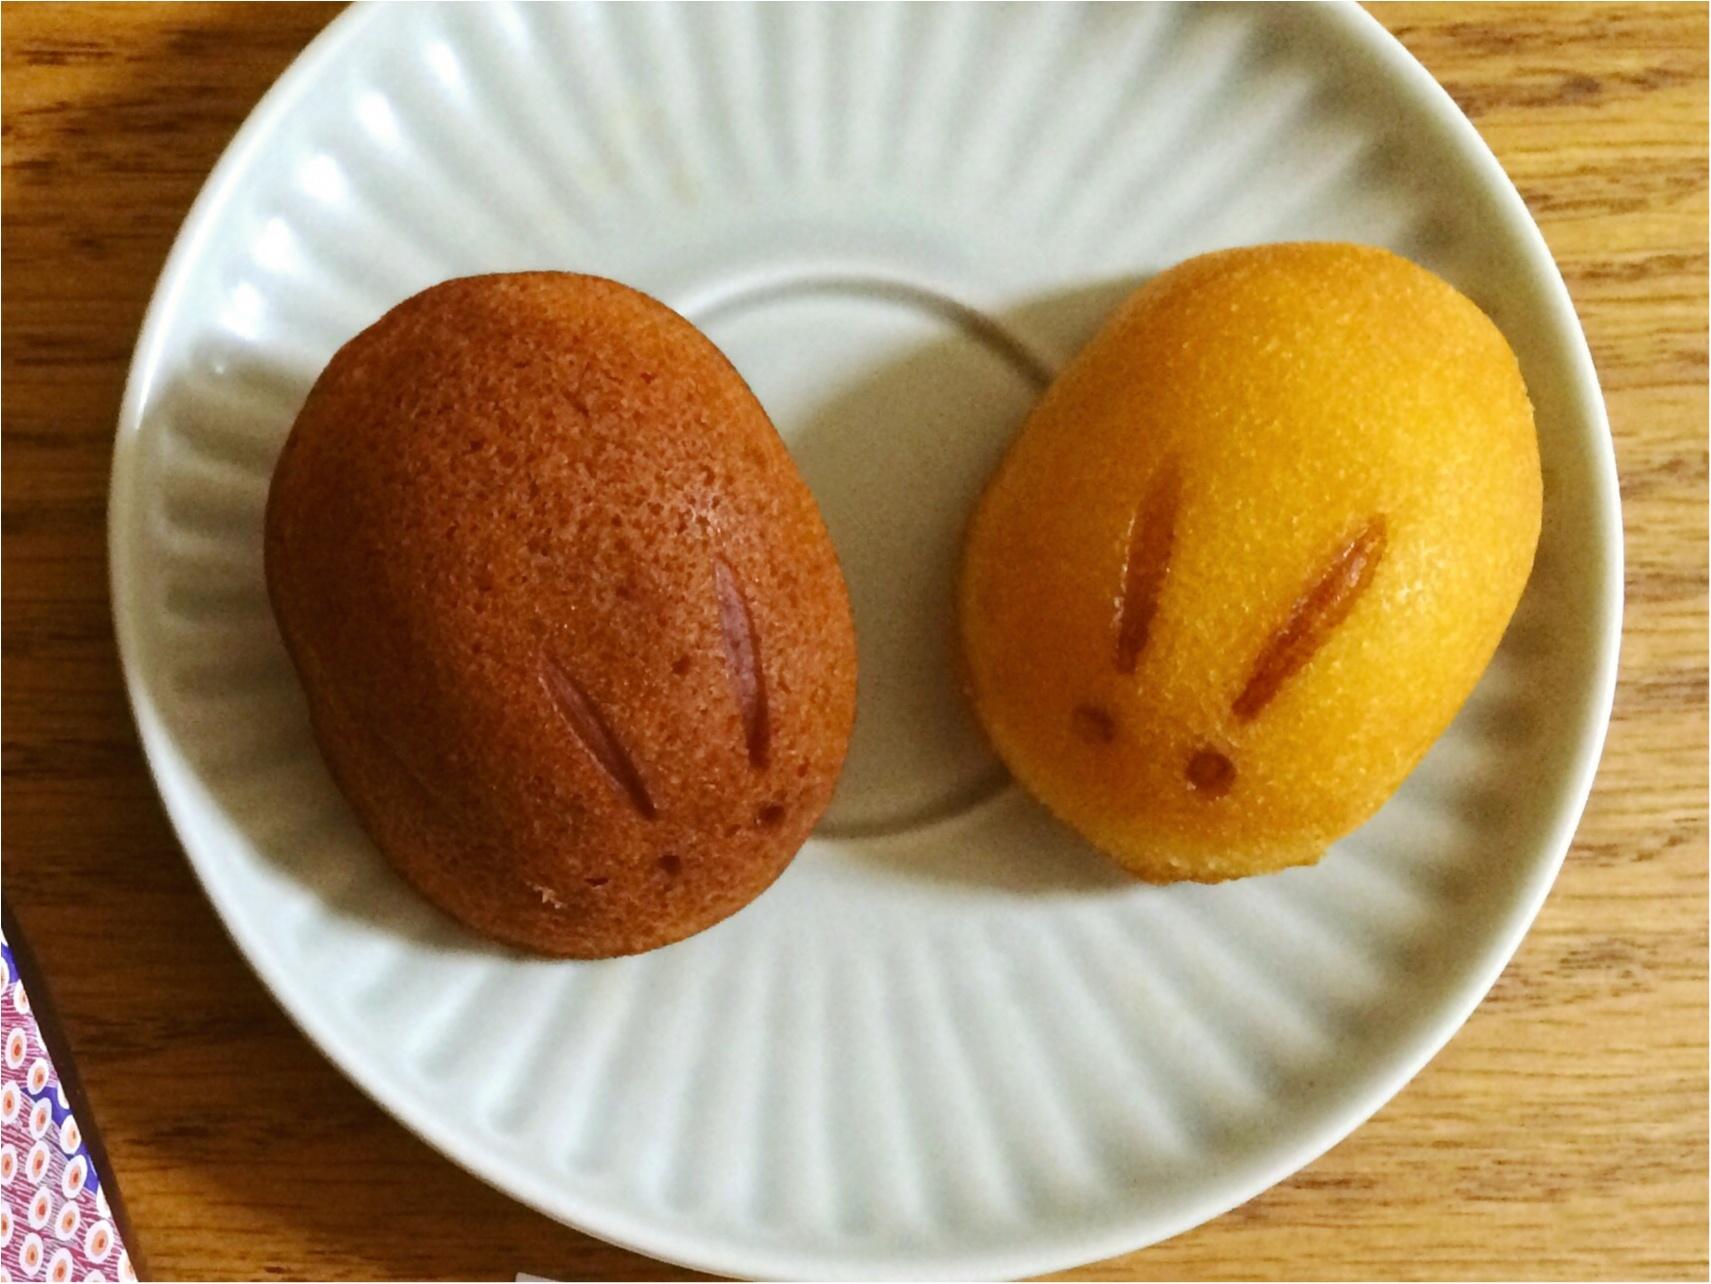 【新宿Sweets】可愛い!モチふわ美味しい!手土産に♡《白金堂》の「兎ケーキ」_2